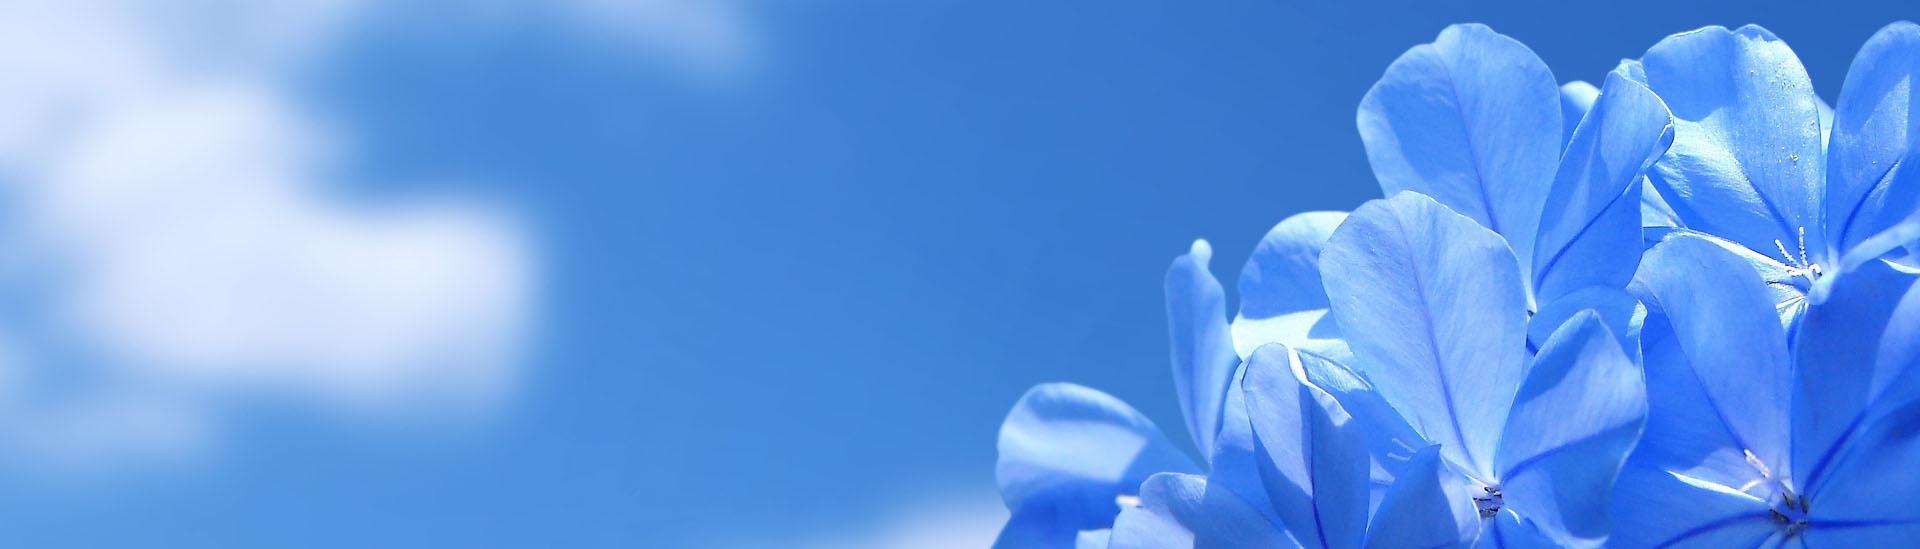 background_flower_01